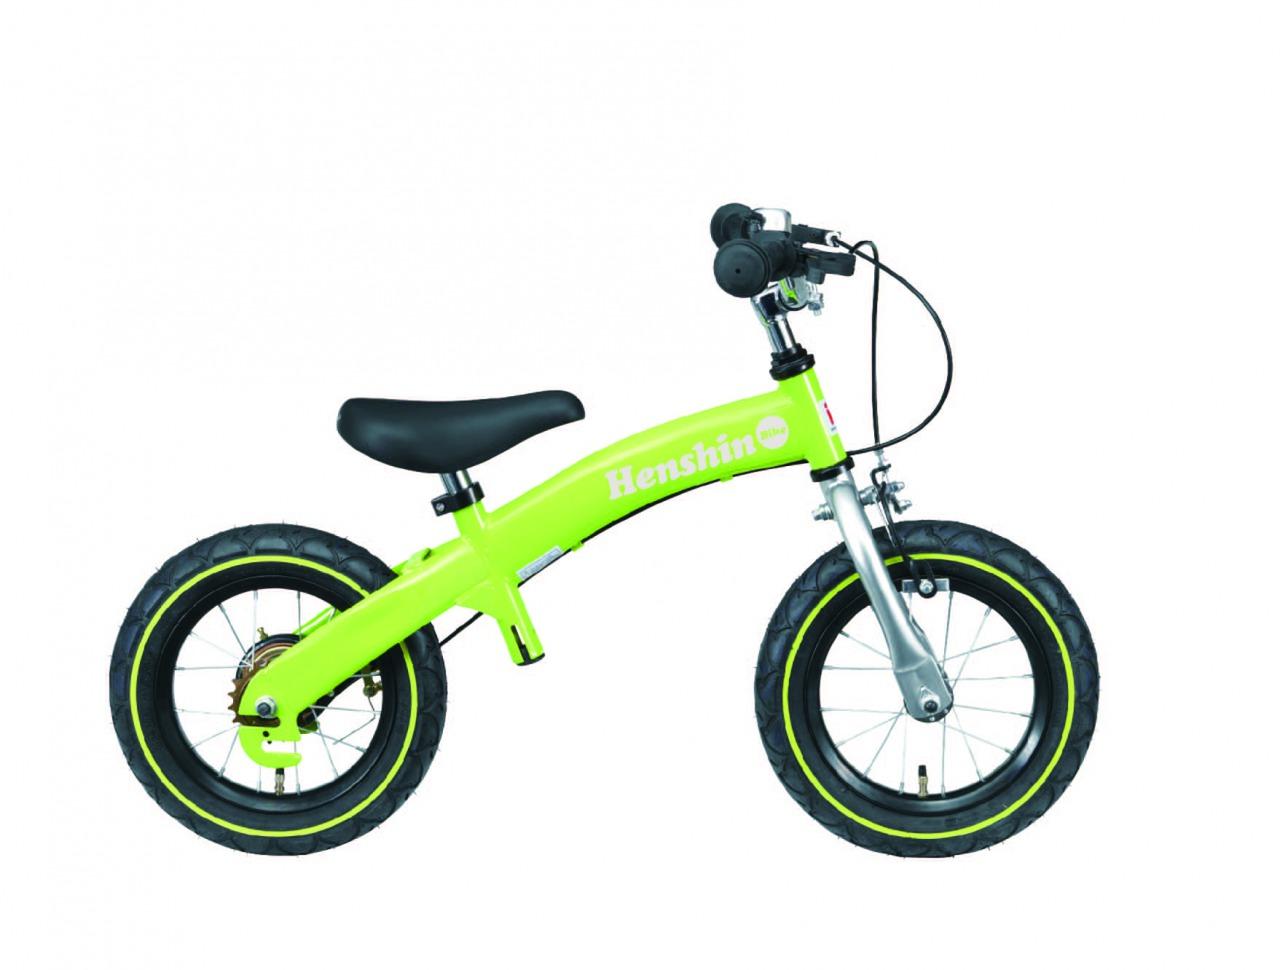 へんしんバイク 黄緑